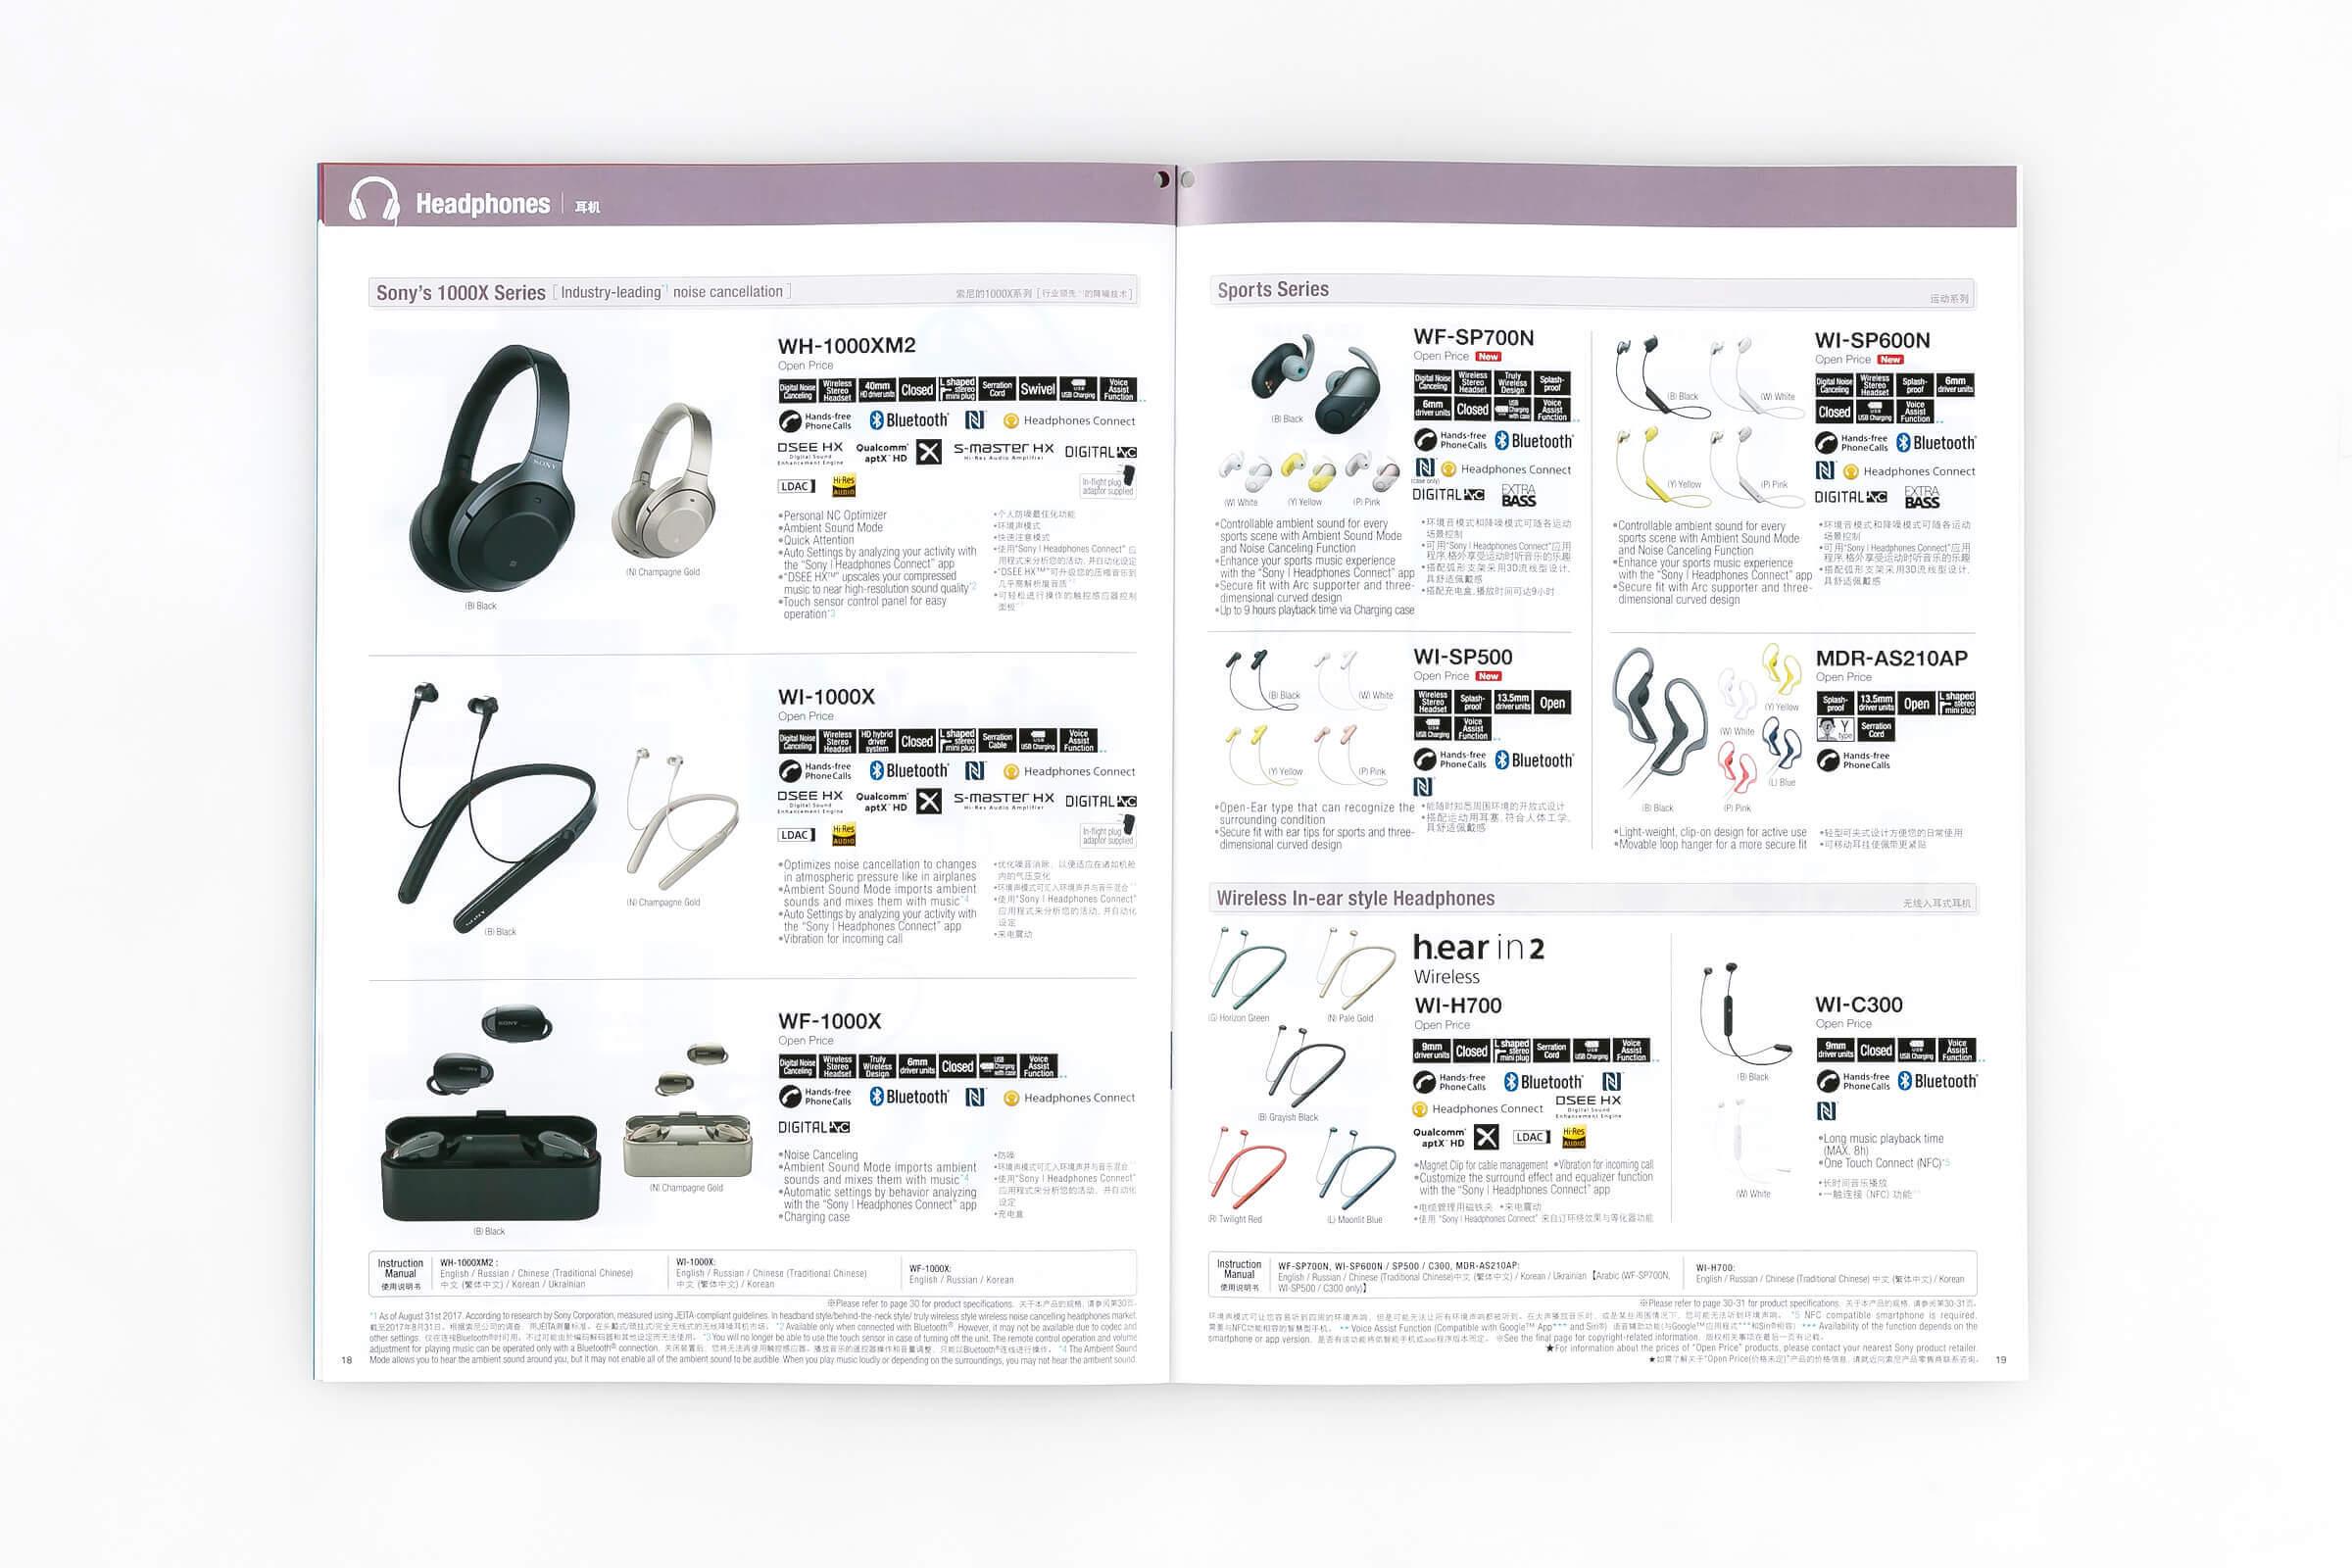 オーバーシーズモデル総合パンフレット2018年夏号 18-19 ヘッドホン商品ページ